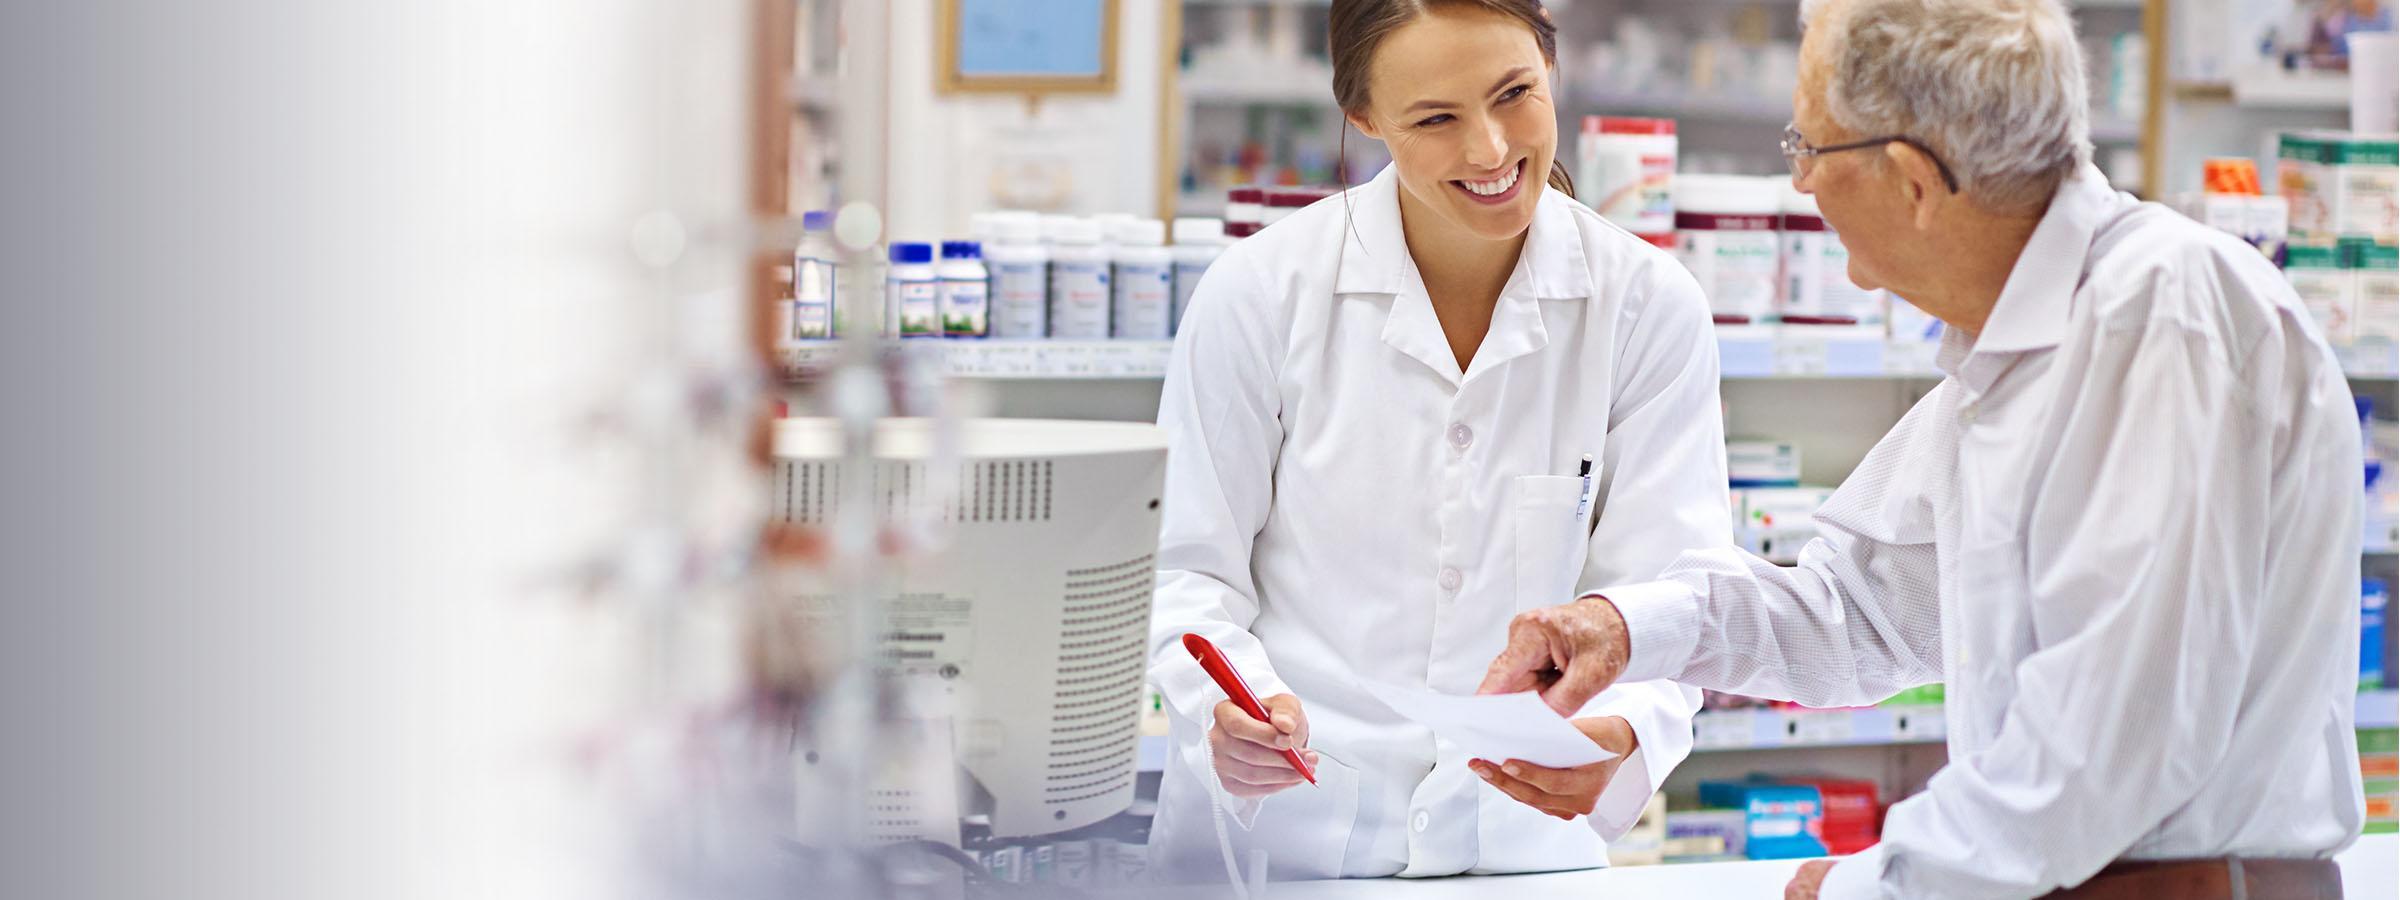 kjøpe medisinene sine på nettapoteket